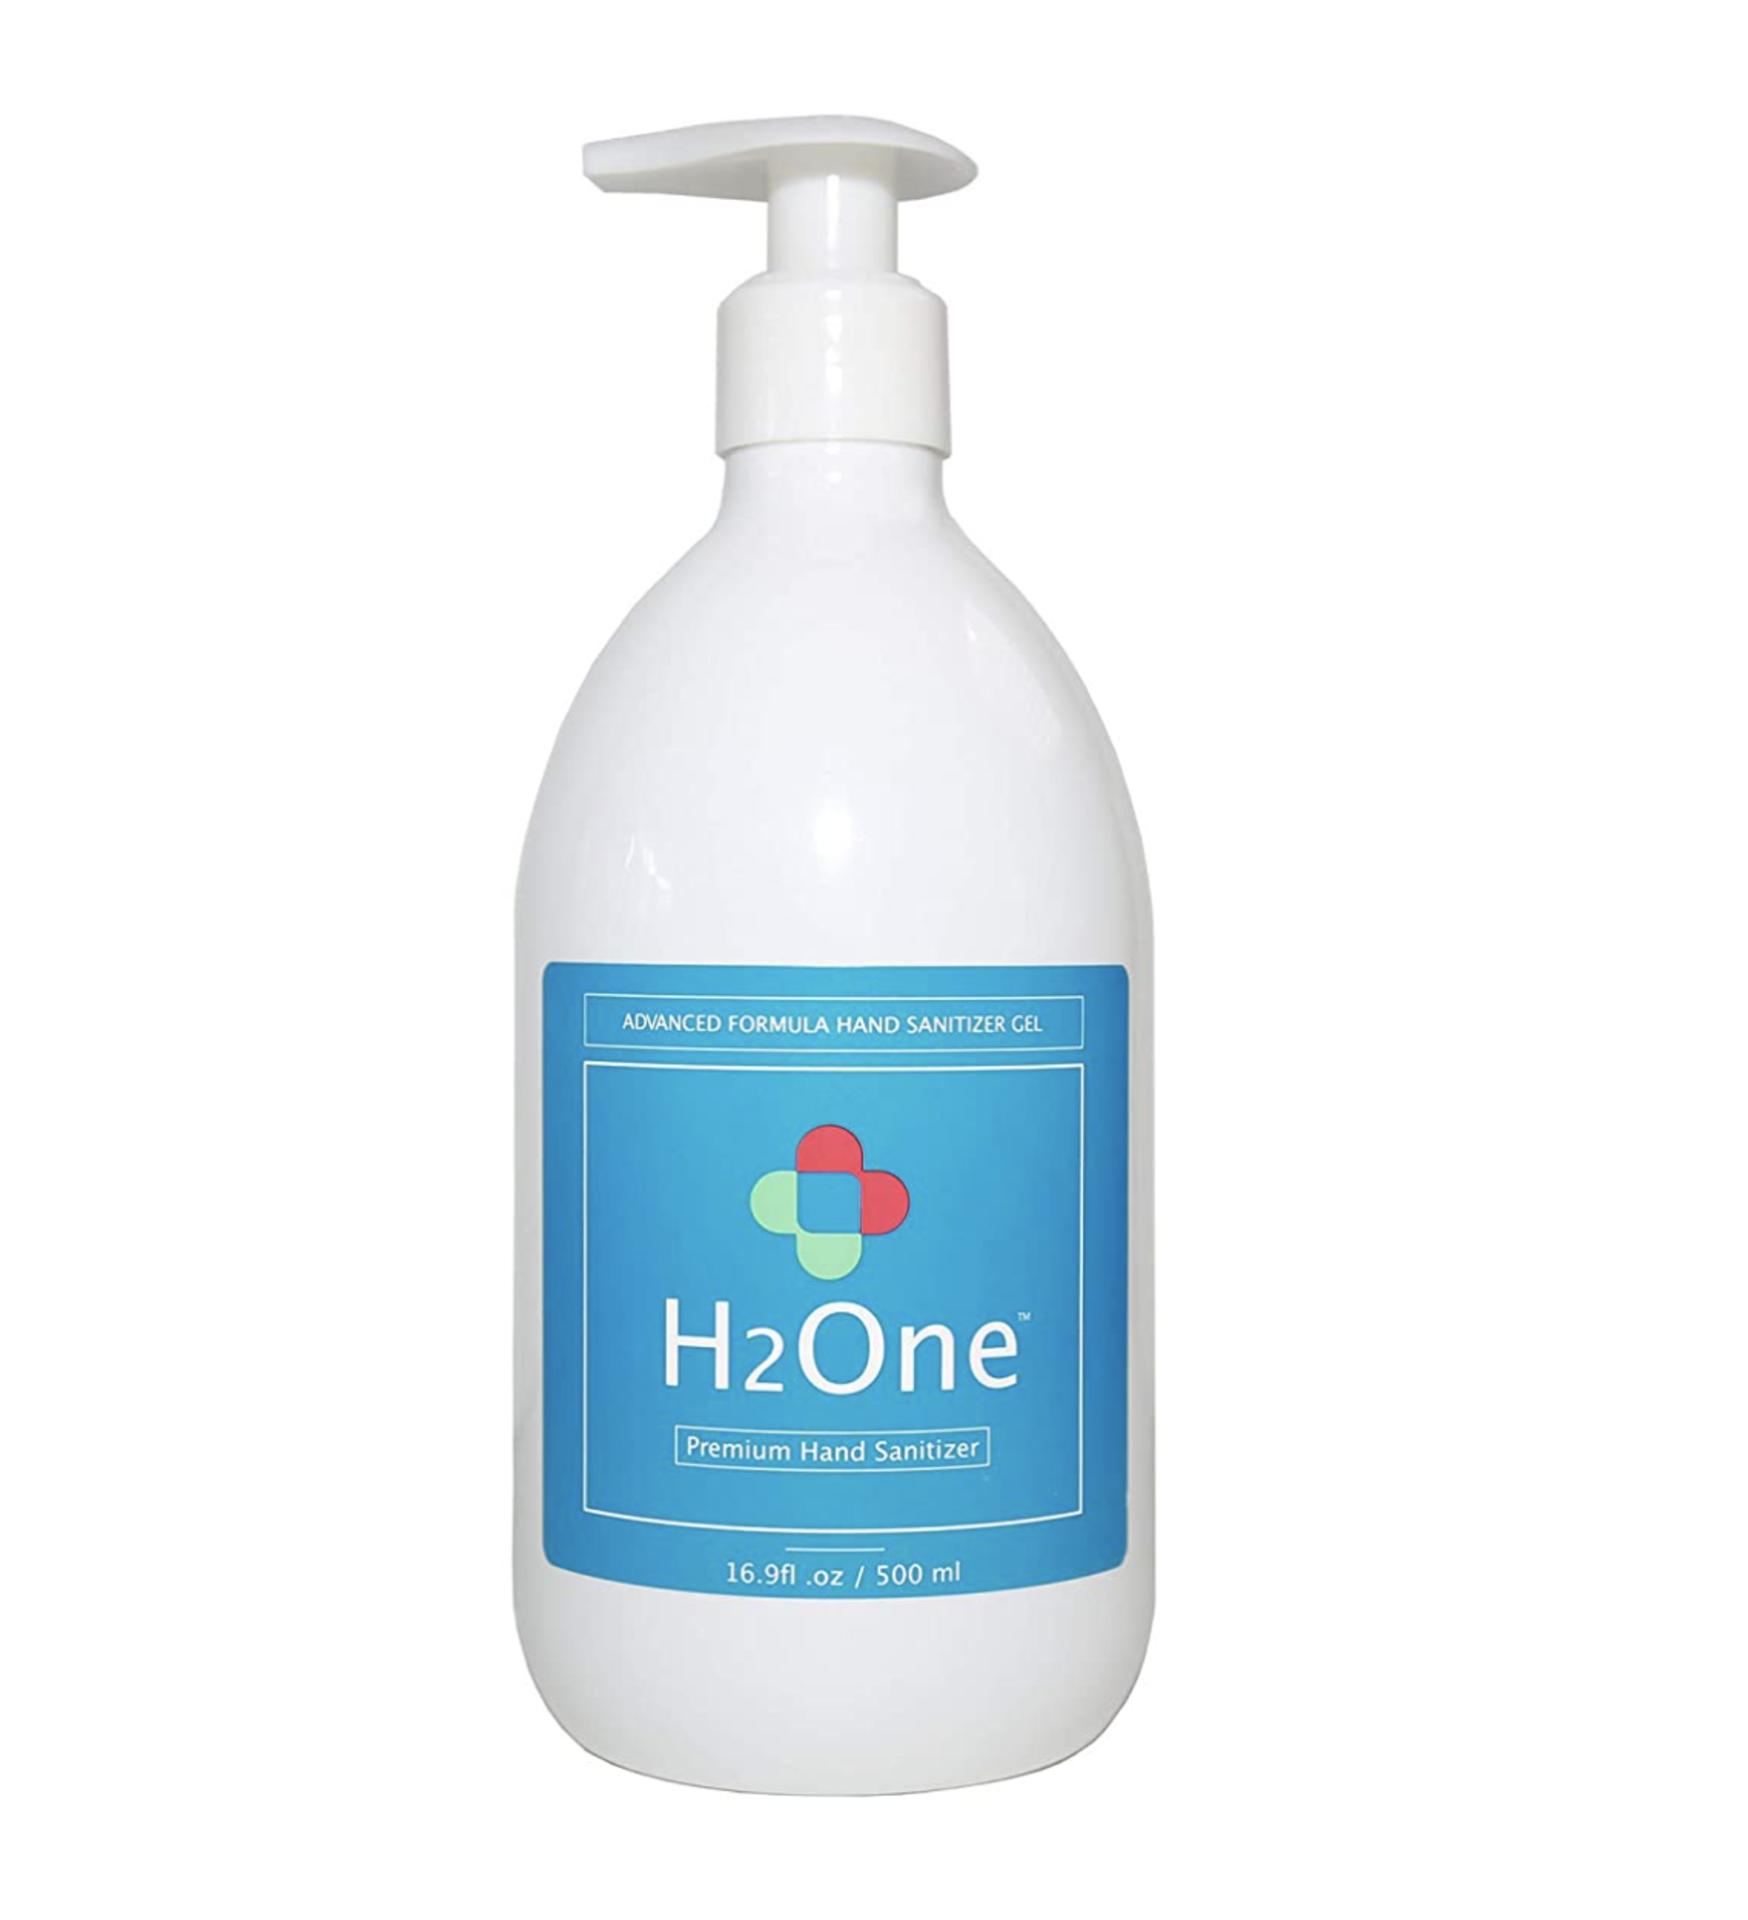 3,250 Bottles of H2One Pump Bottle Hand Sanitizer Gel, 500 ML, 16.9 OZ, 75% Alcohol Based (Ethanol) - Image 2 of 4